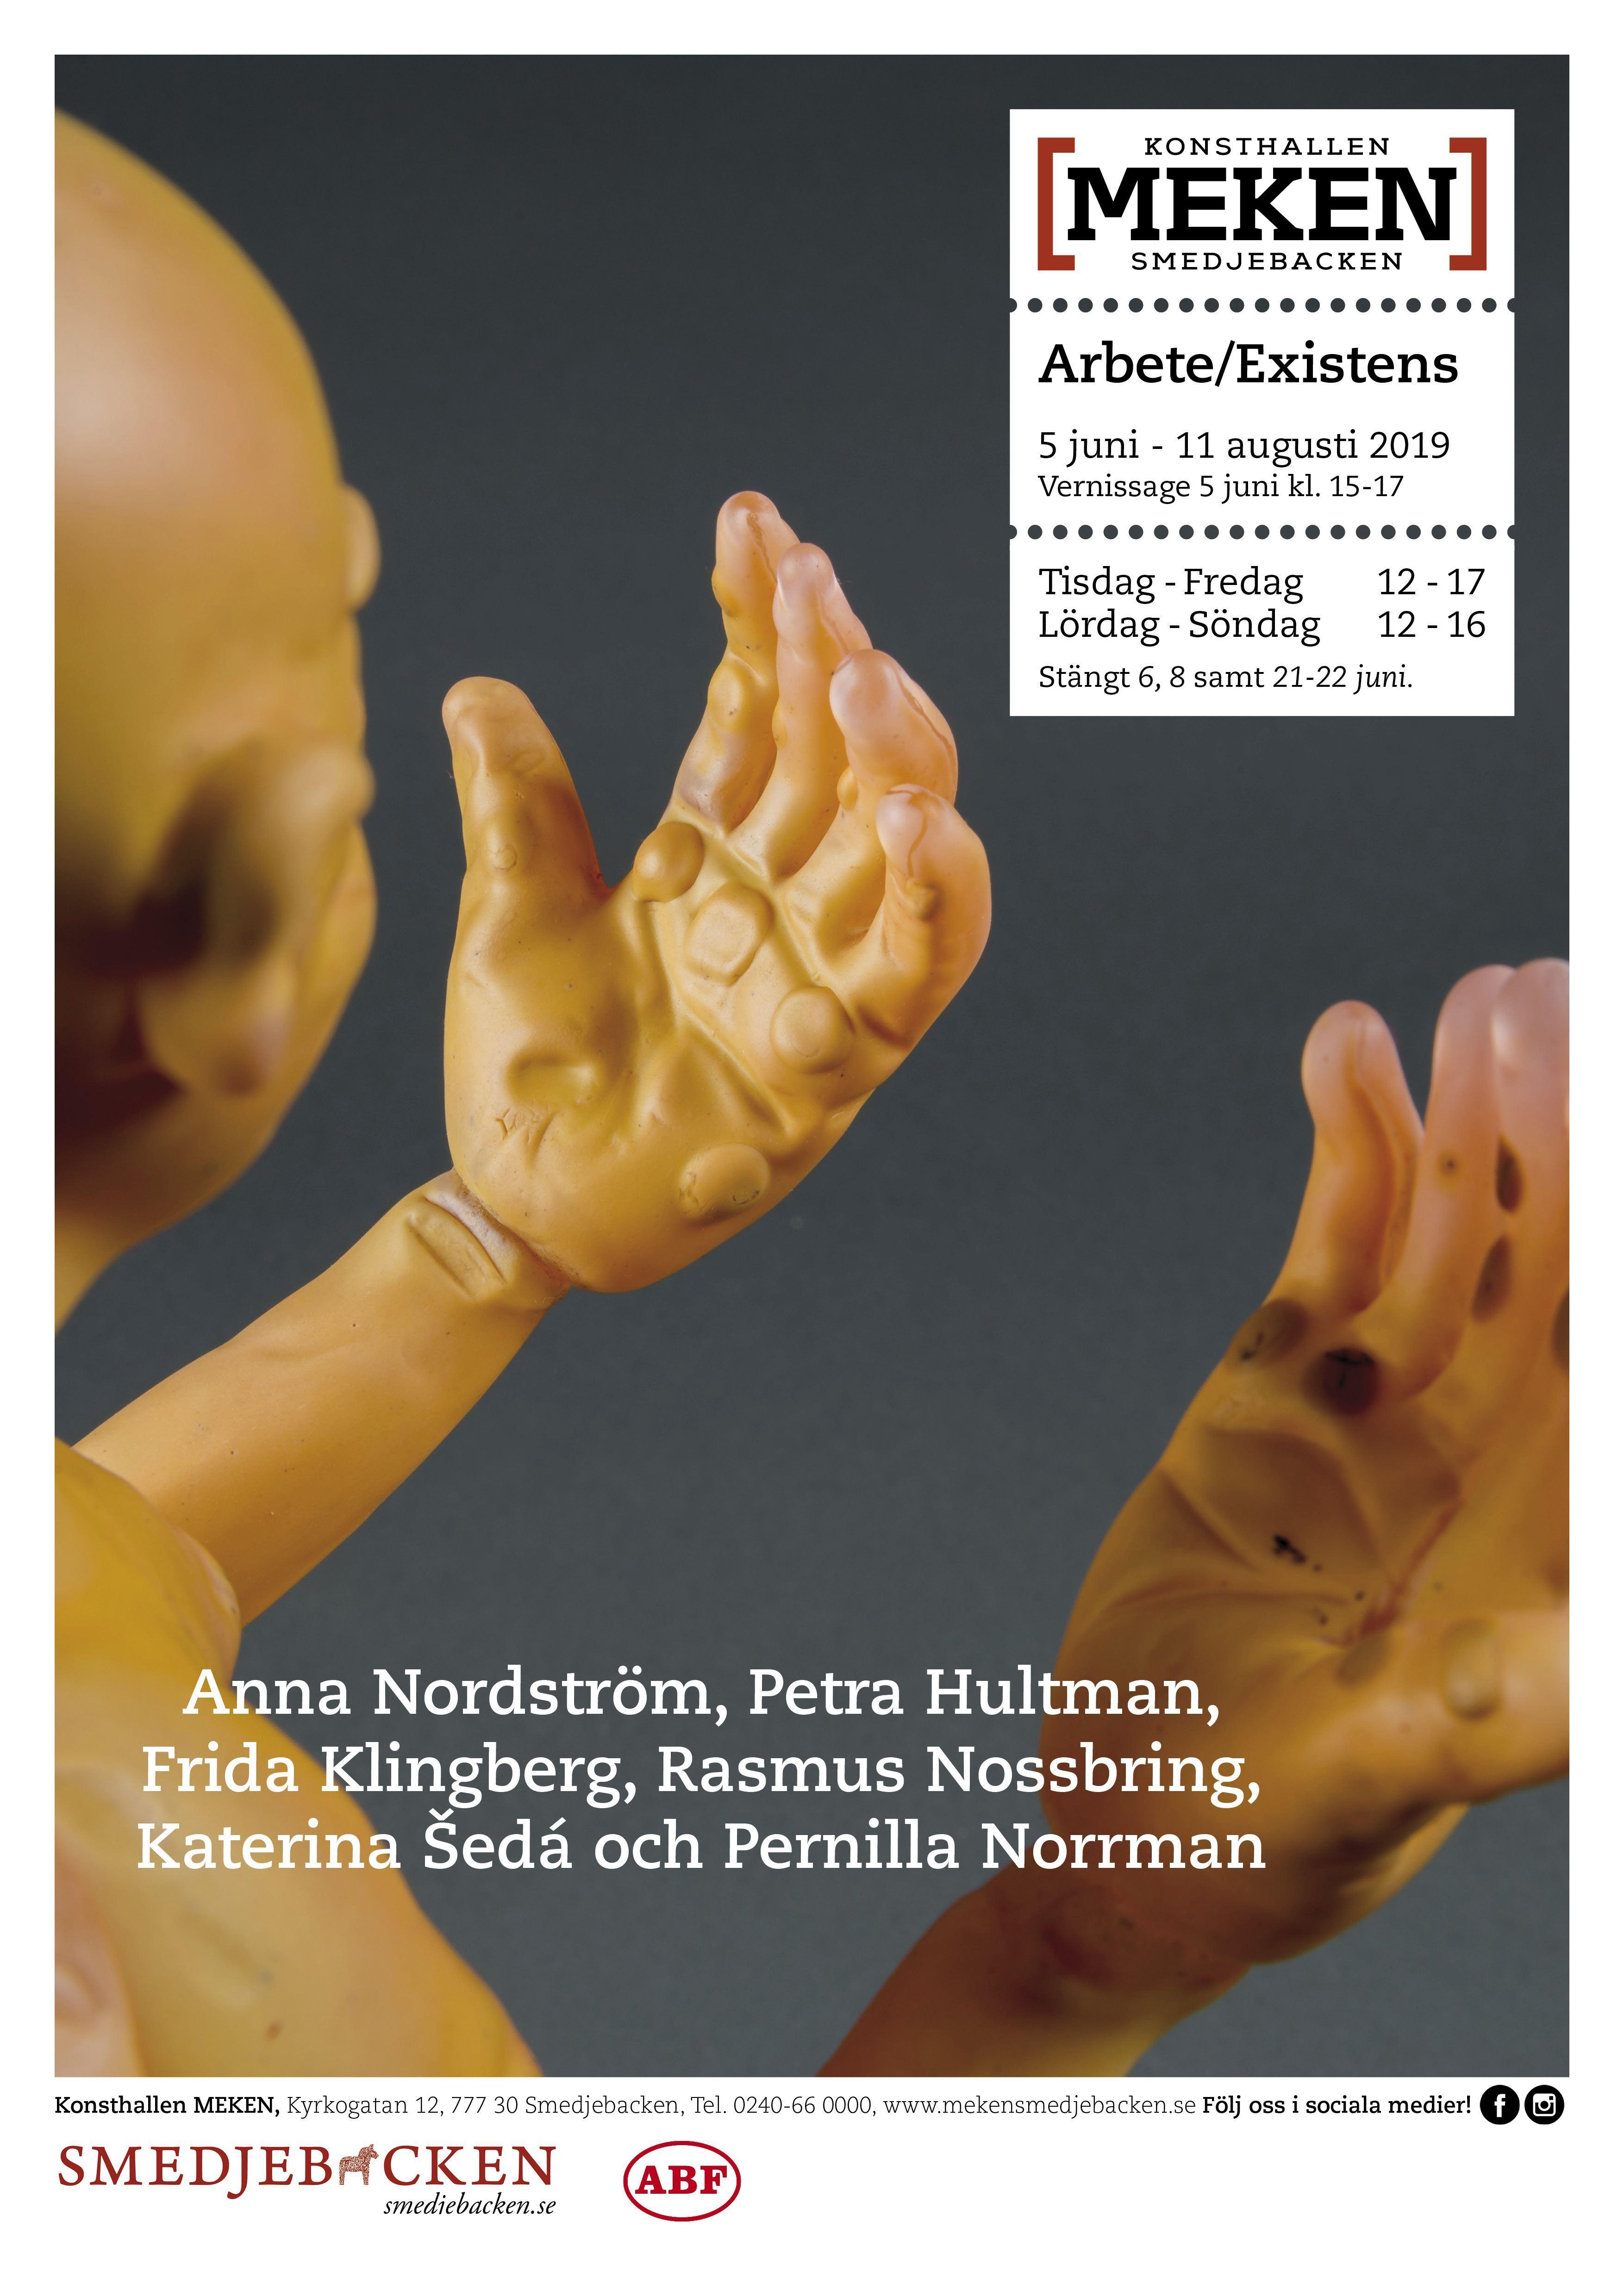 Vernissage Arbete/Existens - Konsthallen MEKEN